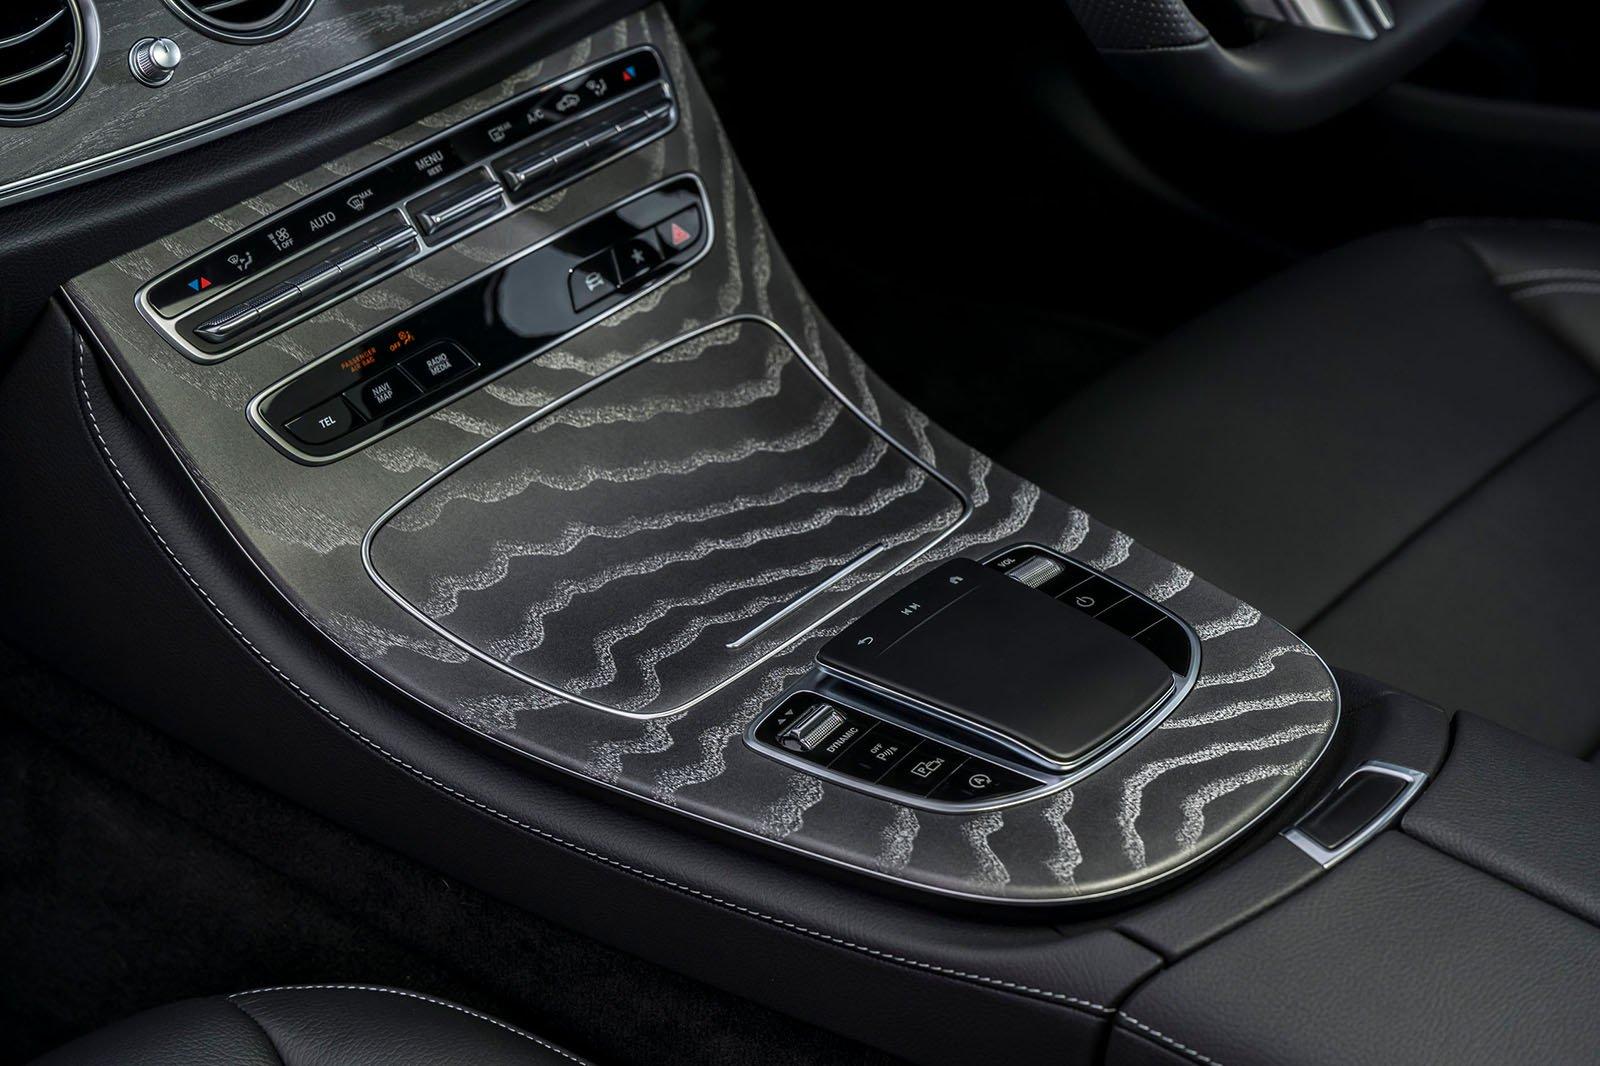 Mercedes E-Class 2021 infotainment controls